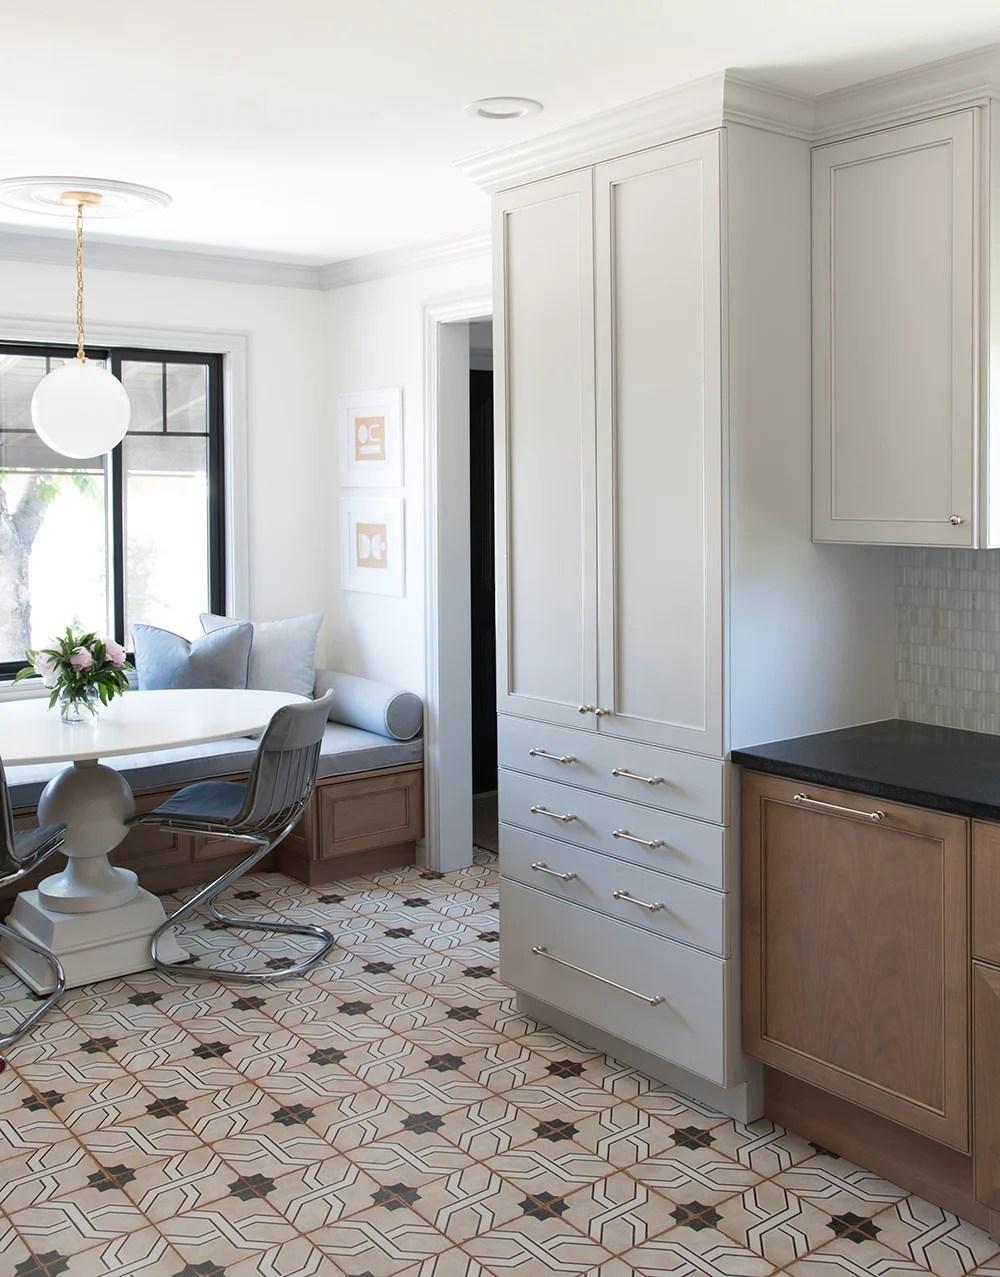 Roundup Affordable Patterned Floor Tile